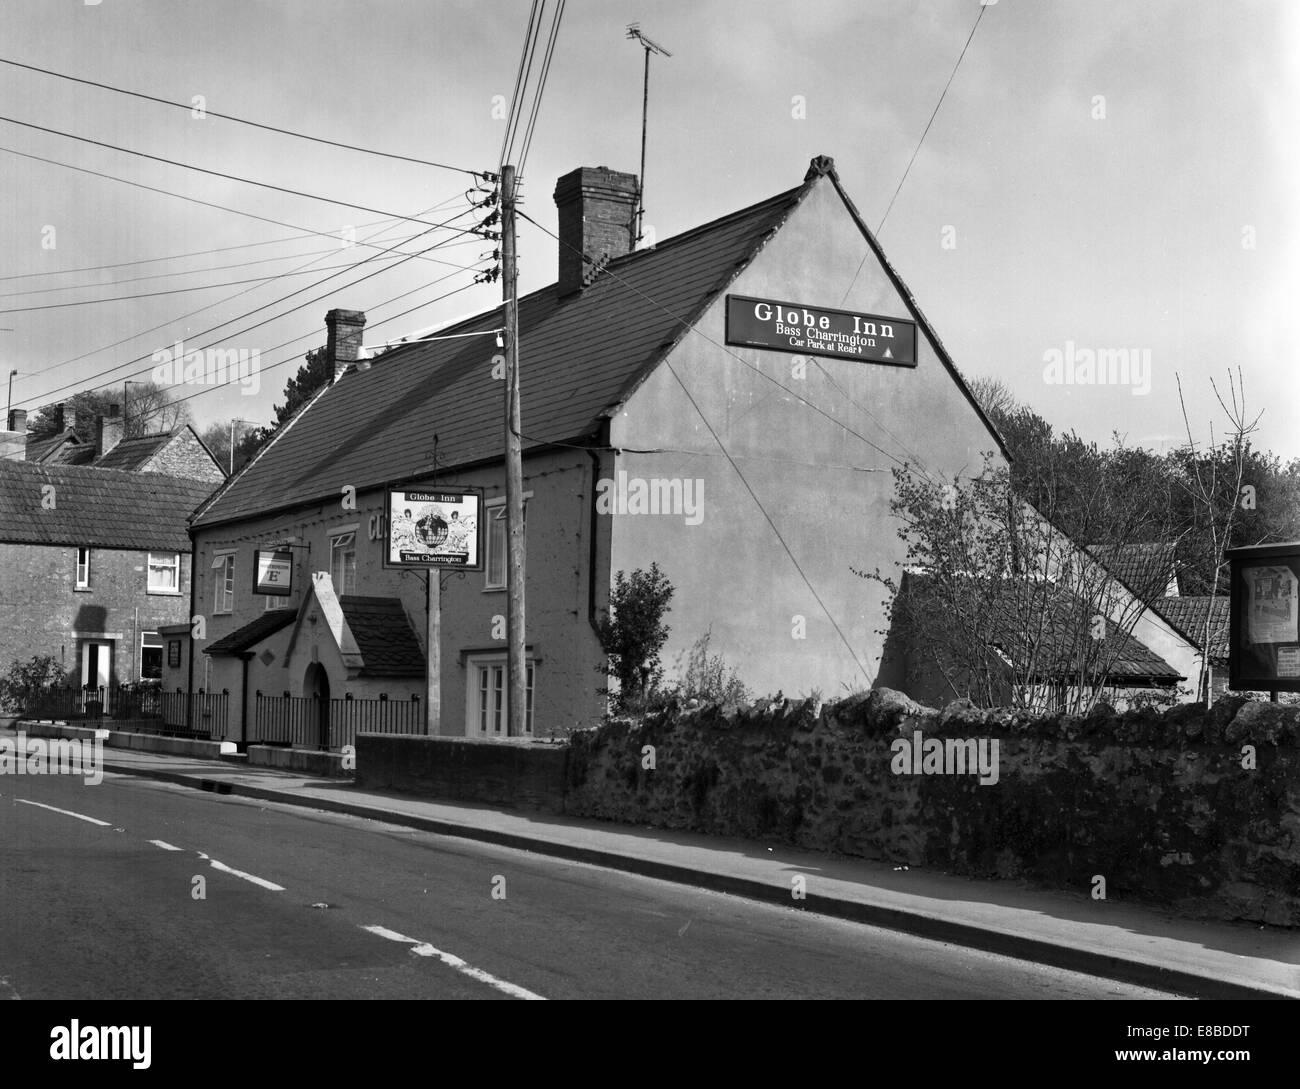 globe inn misterton in 1974 number 0190 - Stock Image